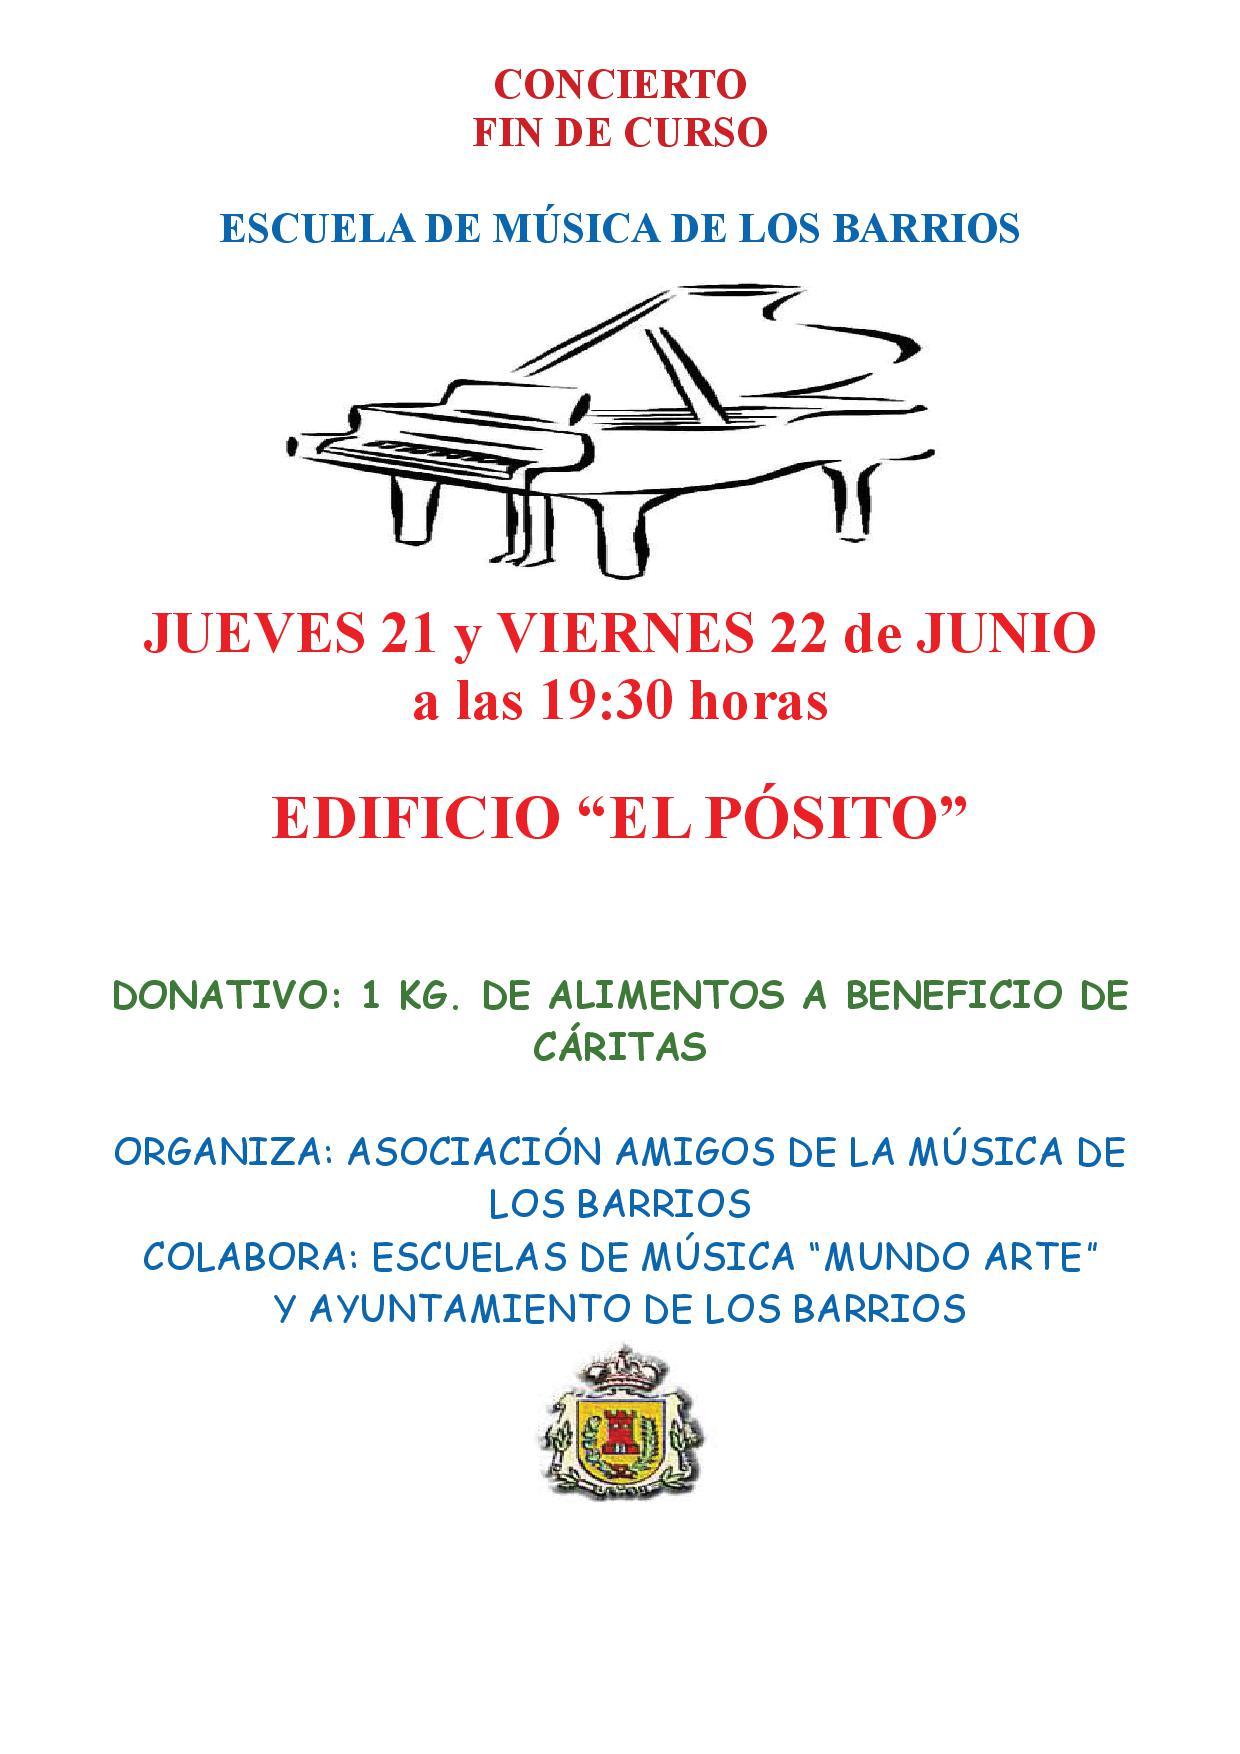 Concierto fin de curso – Escuela de música de Los Barrios